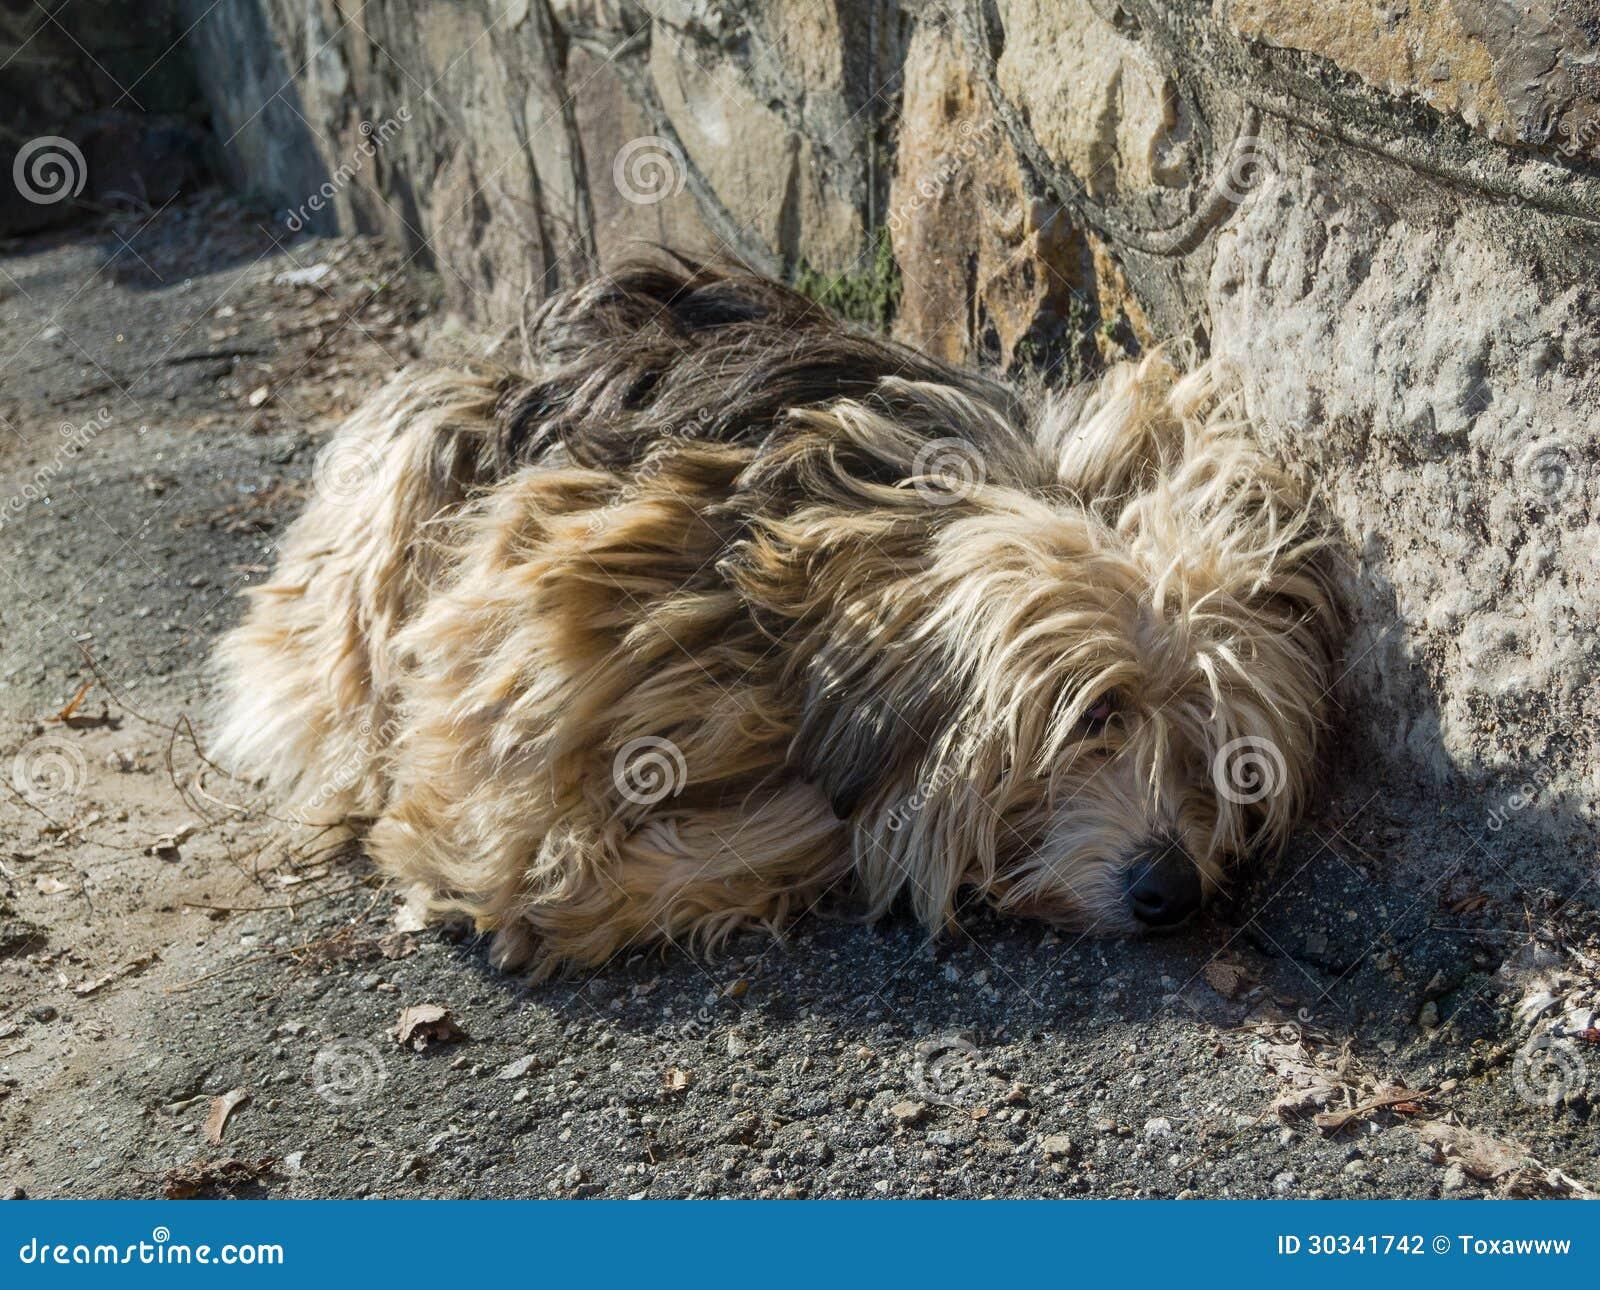 Sad Stray Dog Stock Photography - Image: 30341742